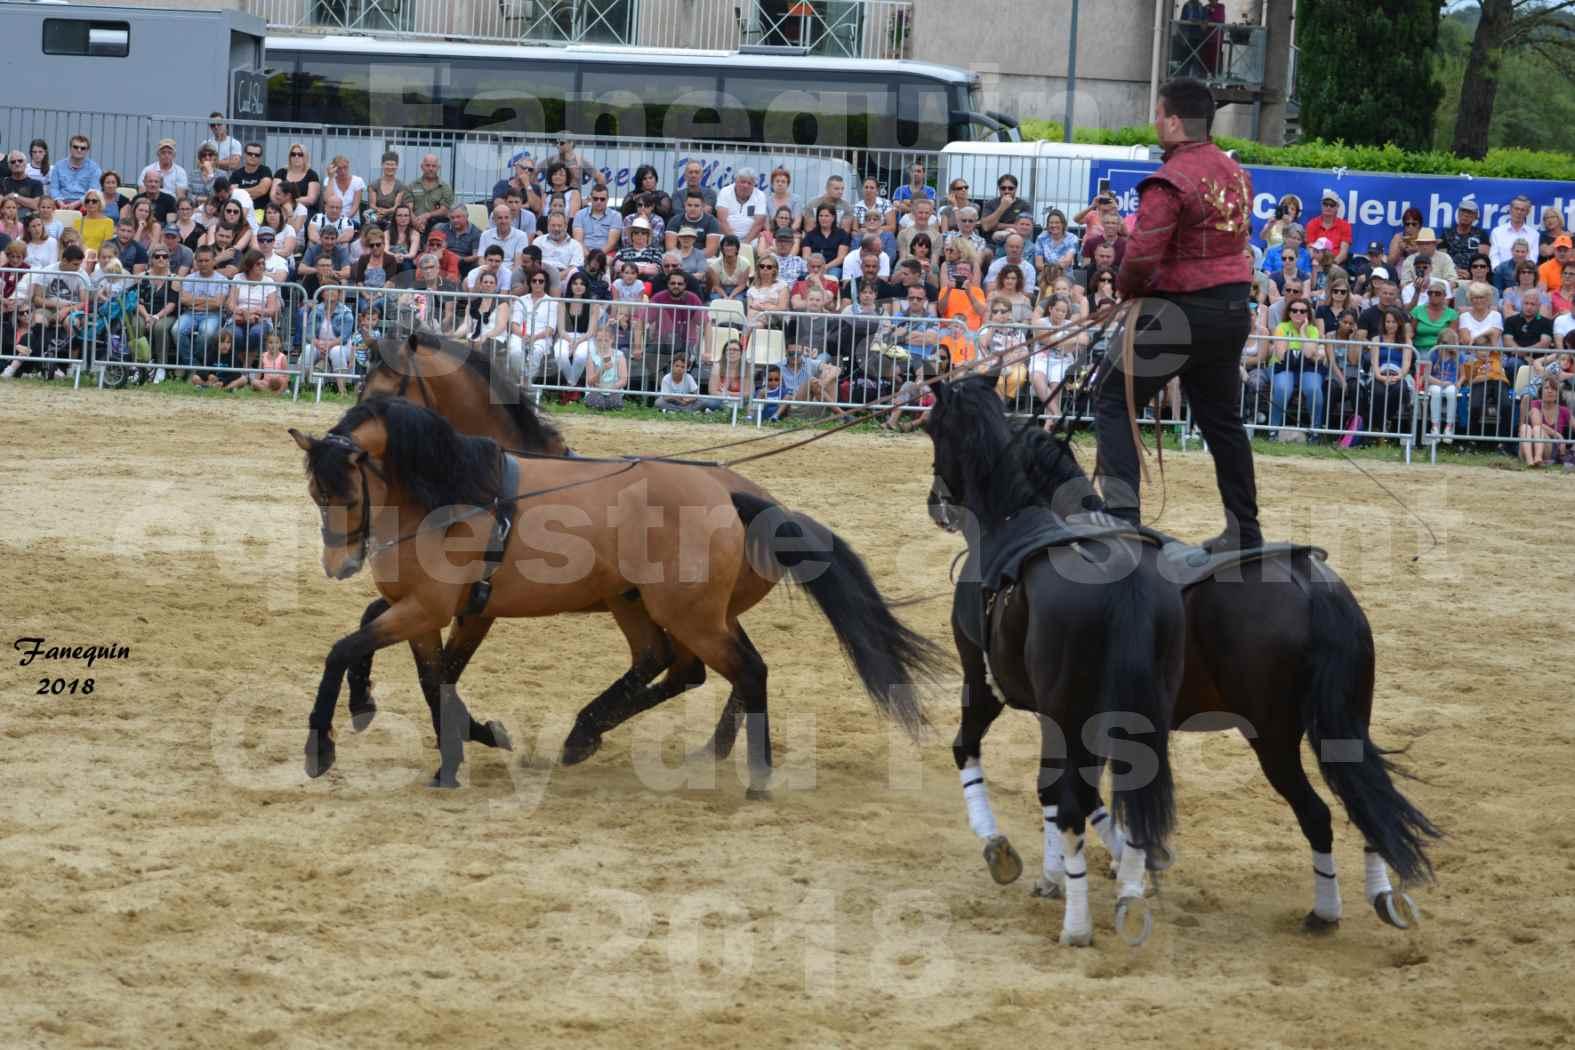 Spectacle Équestre le 3 juin 2018 à Saint Gély du Fesc - Poste Hongroise de 2 à 6 chevaux - Benoît SOUMILLE - 13